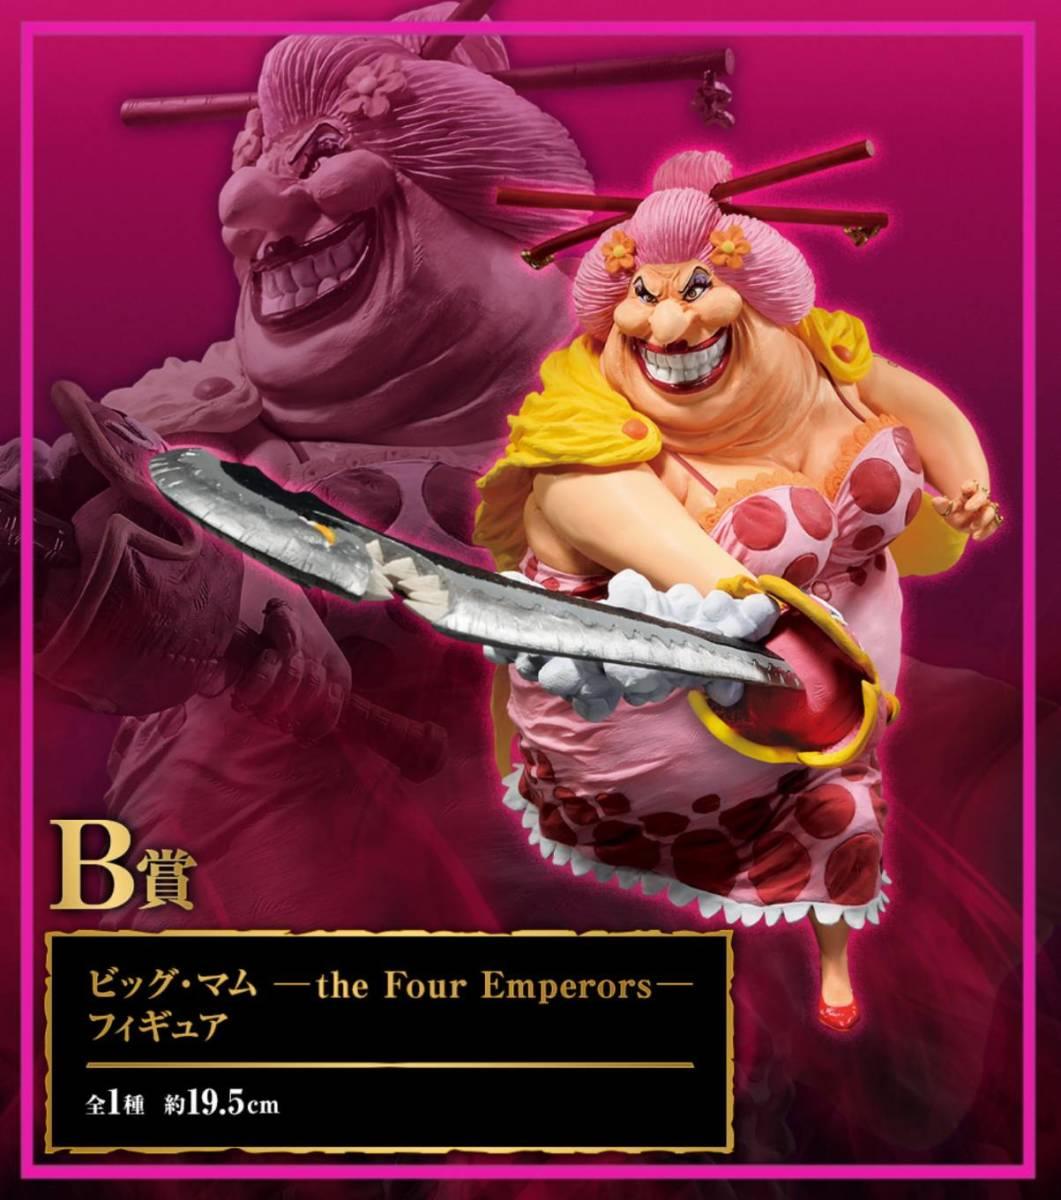 一番くじ ワンピース Best of Omnibus B賞 ビッグ・マム – the Four Emperors -フィギュア [新品・未開封]同梱可能 即決あり(残9体)